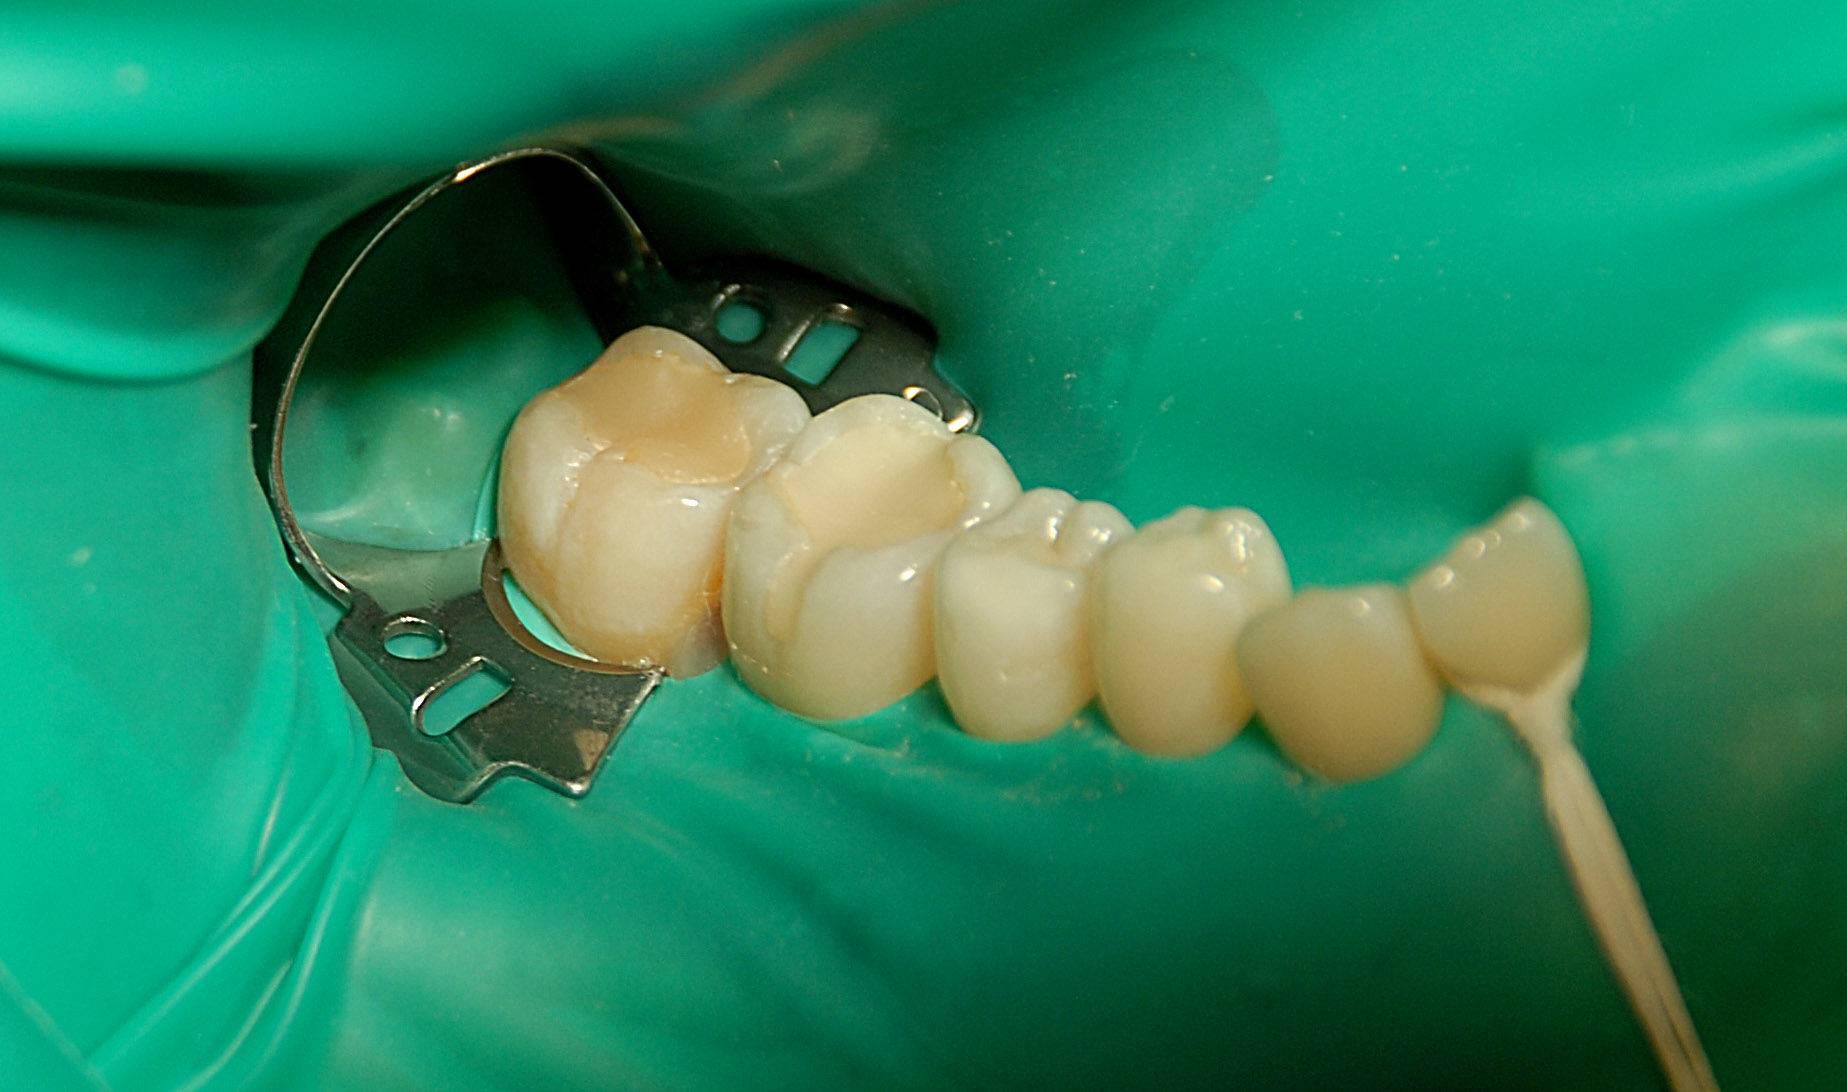 Как применяется коффердам в стоматологии и нужен ли он?